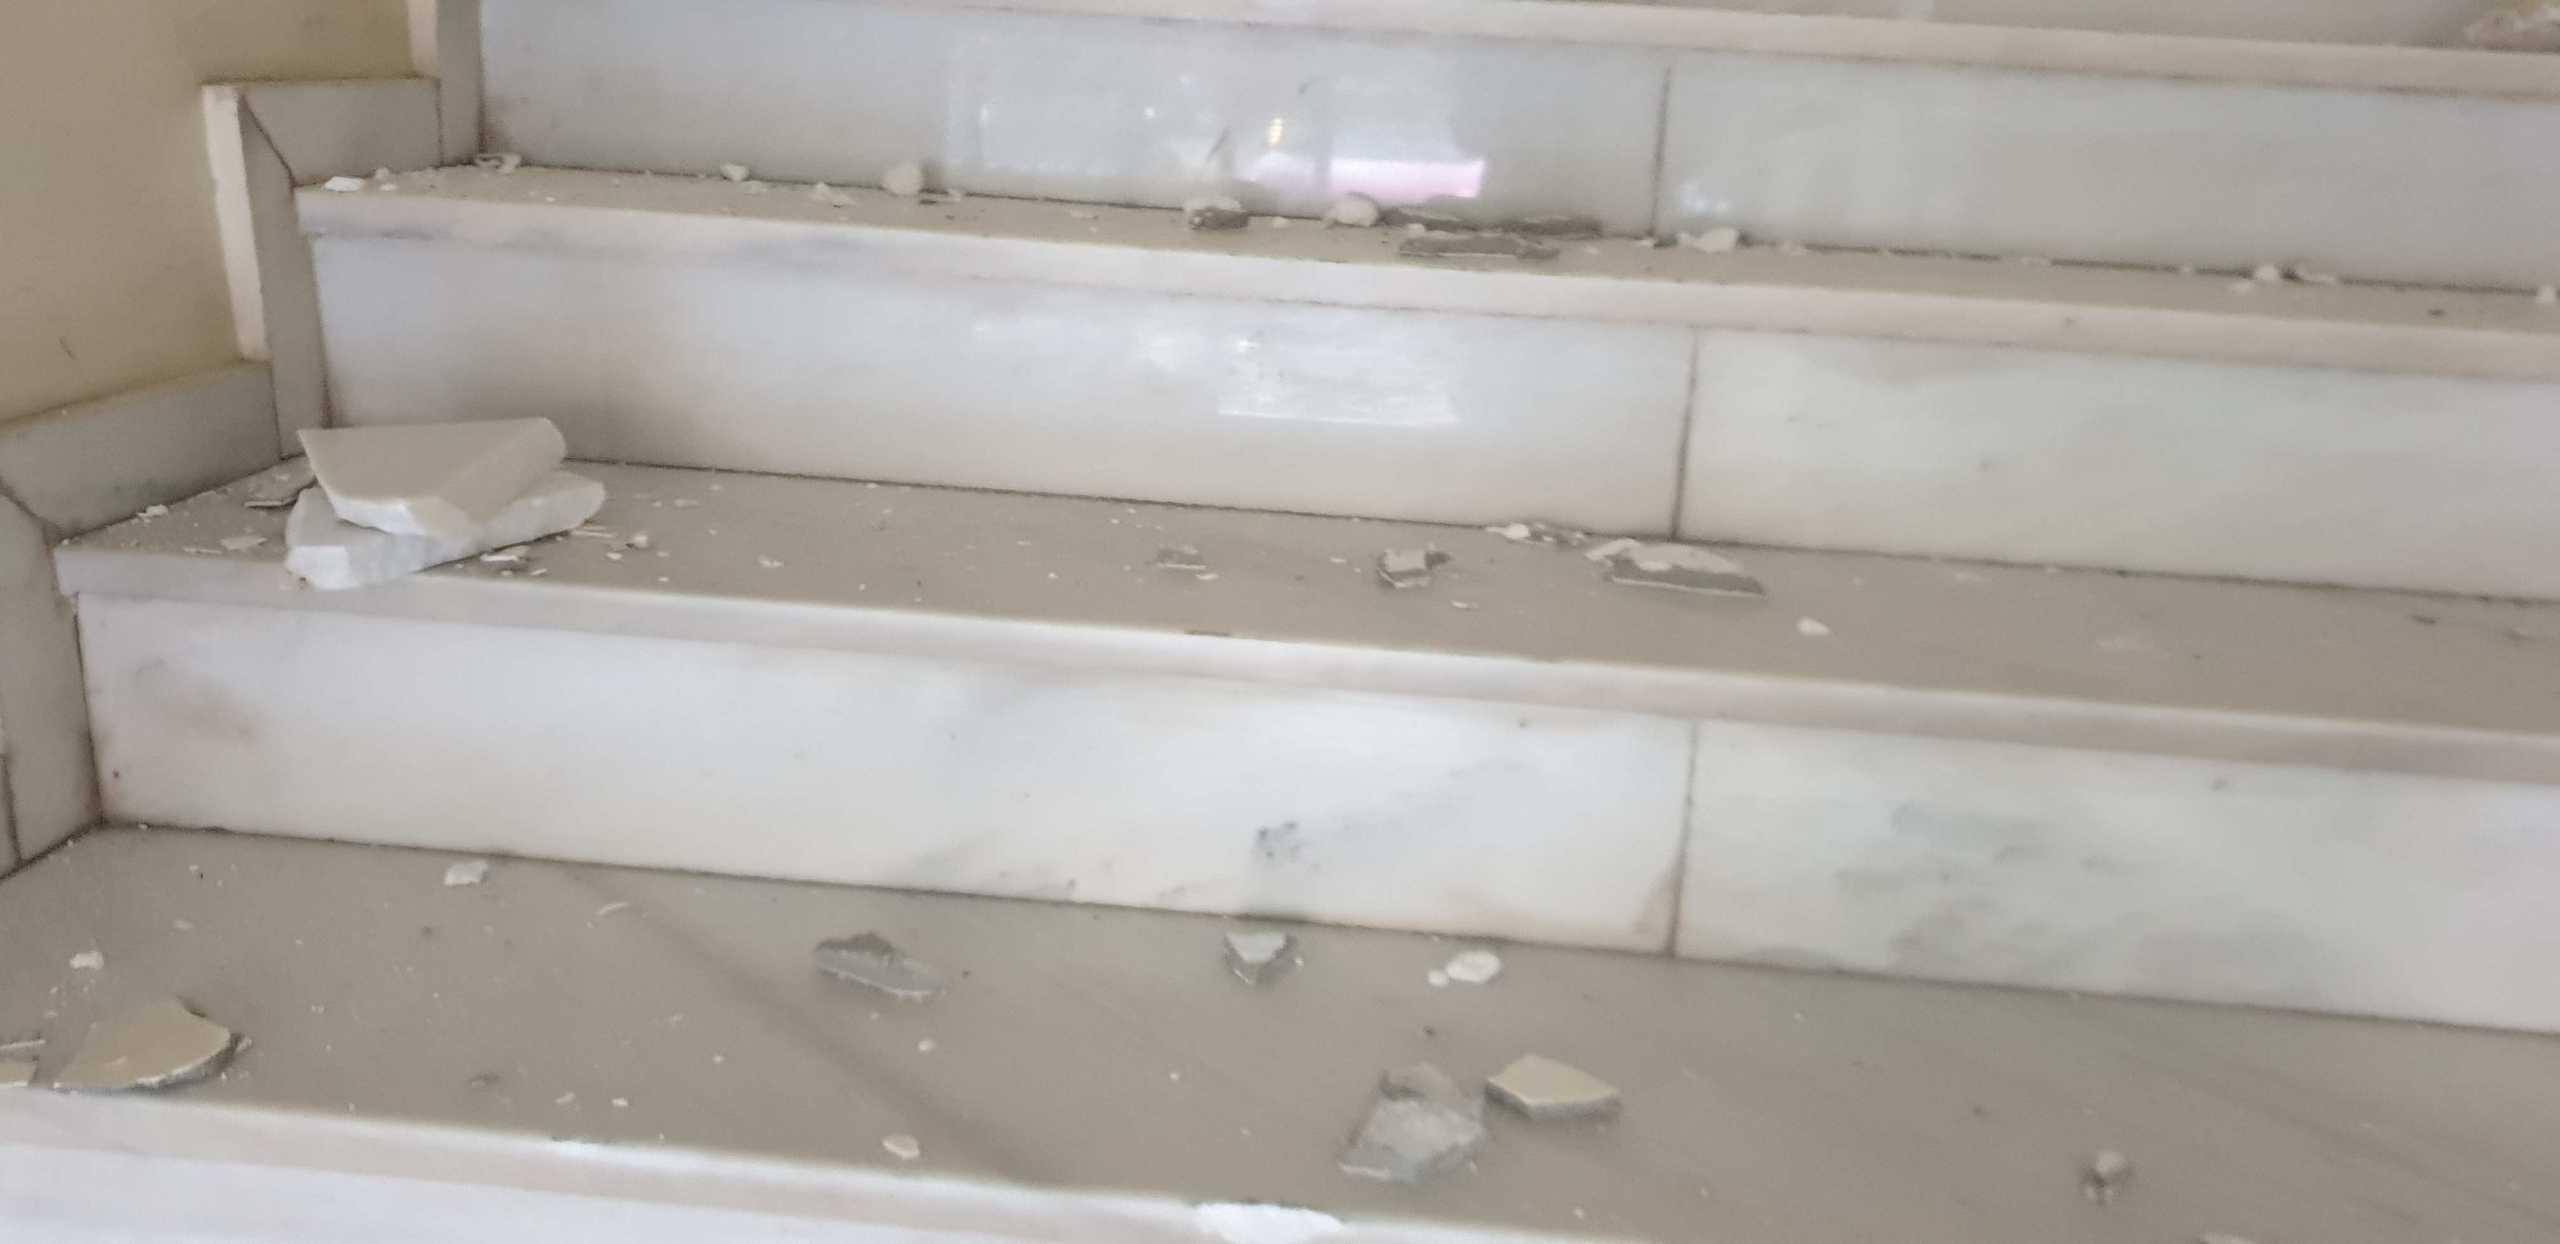 Βέροια: Κινηματογραφική εισβολή στο τελωνείο – Κατέβασαν και βούτηξαν το ασήκωτο χρηματοκιβώτιο (pics)